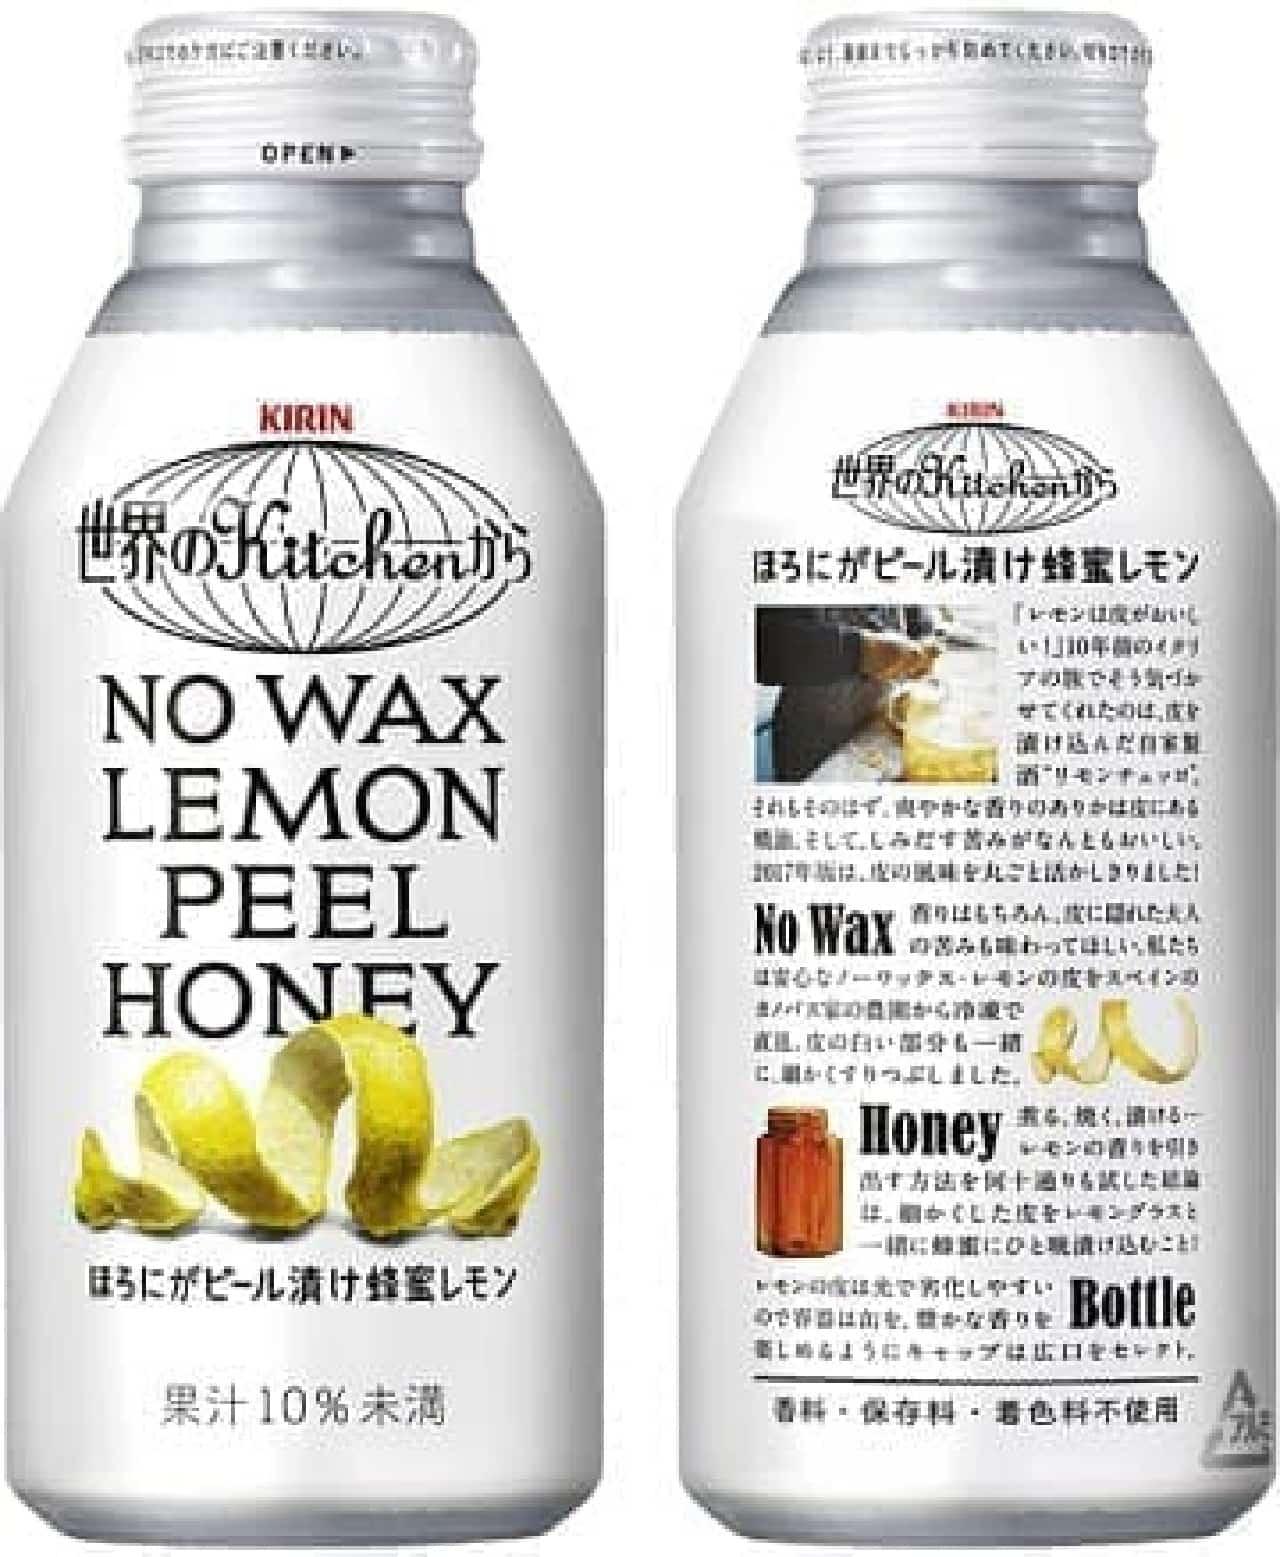 キリンビバレッジ「キリン 世界のKitchenから ほろにがピール漬け蜂蜜レモン」